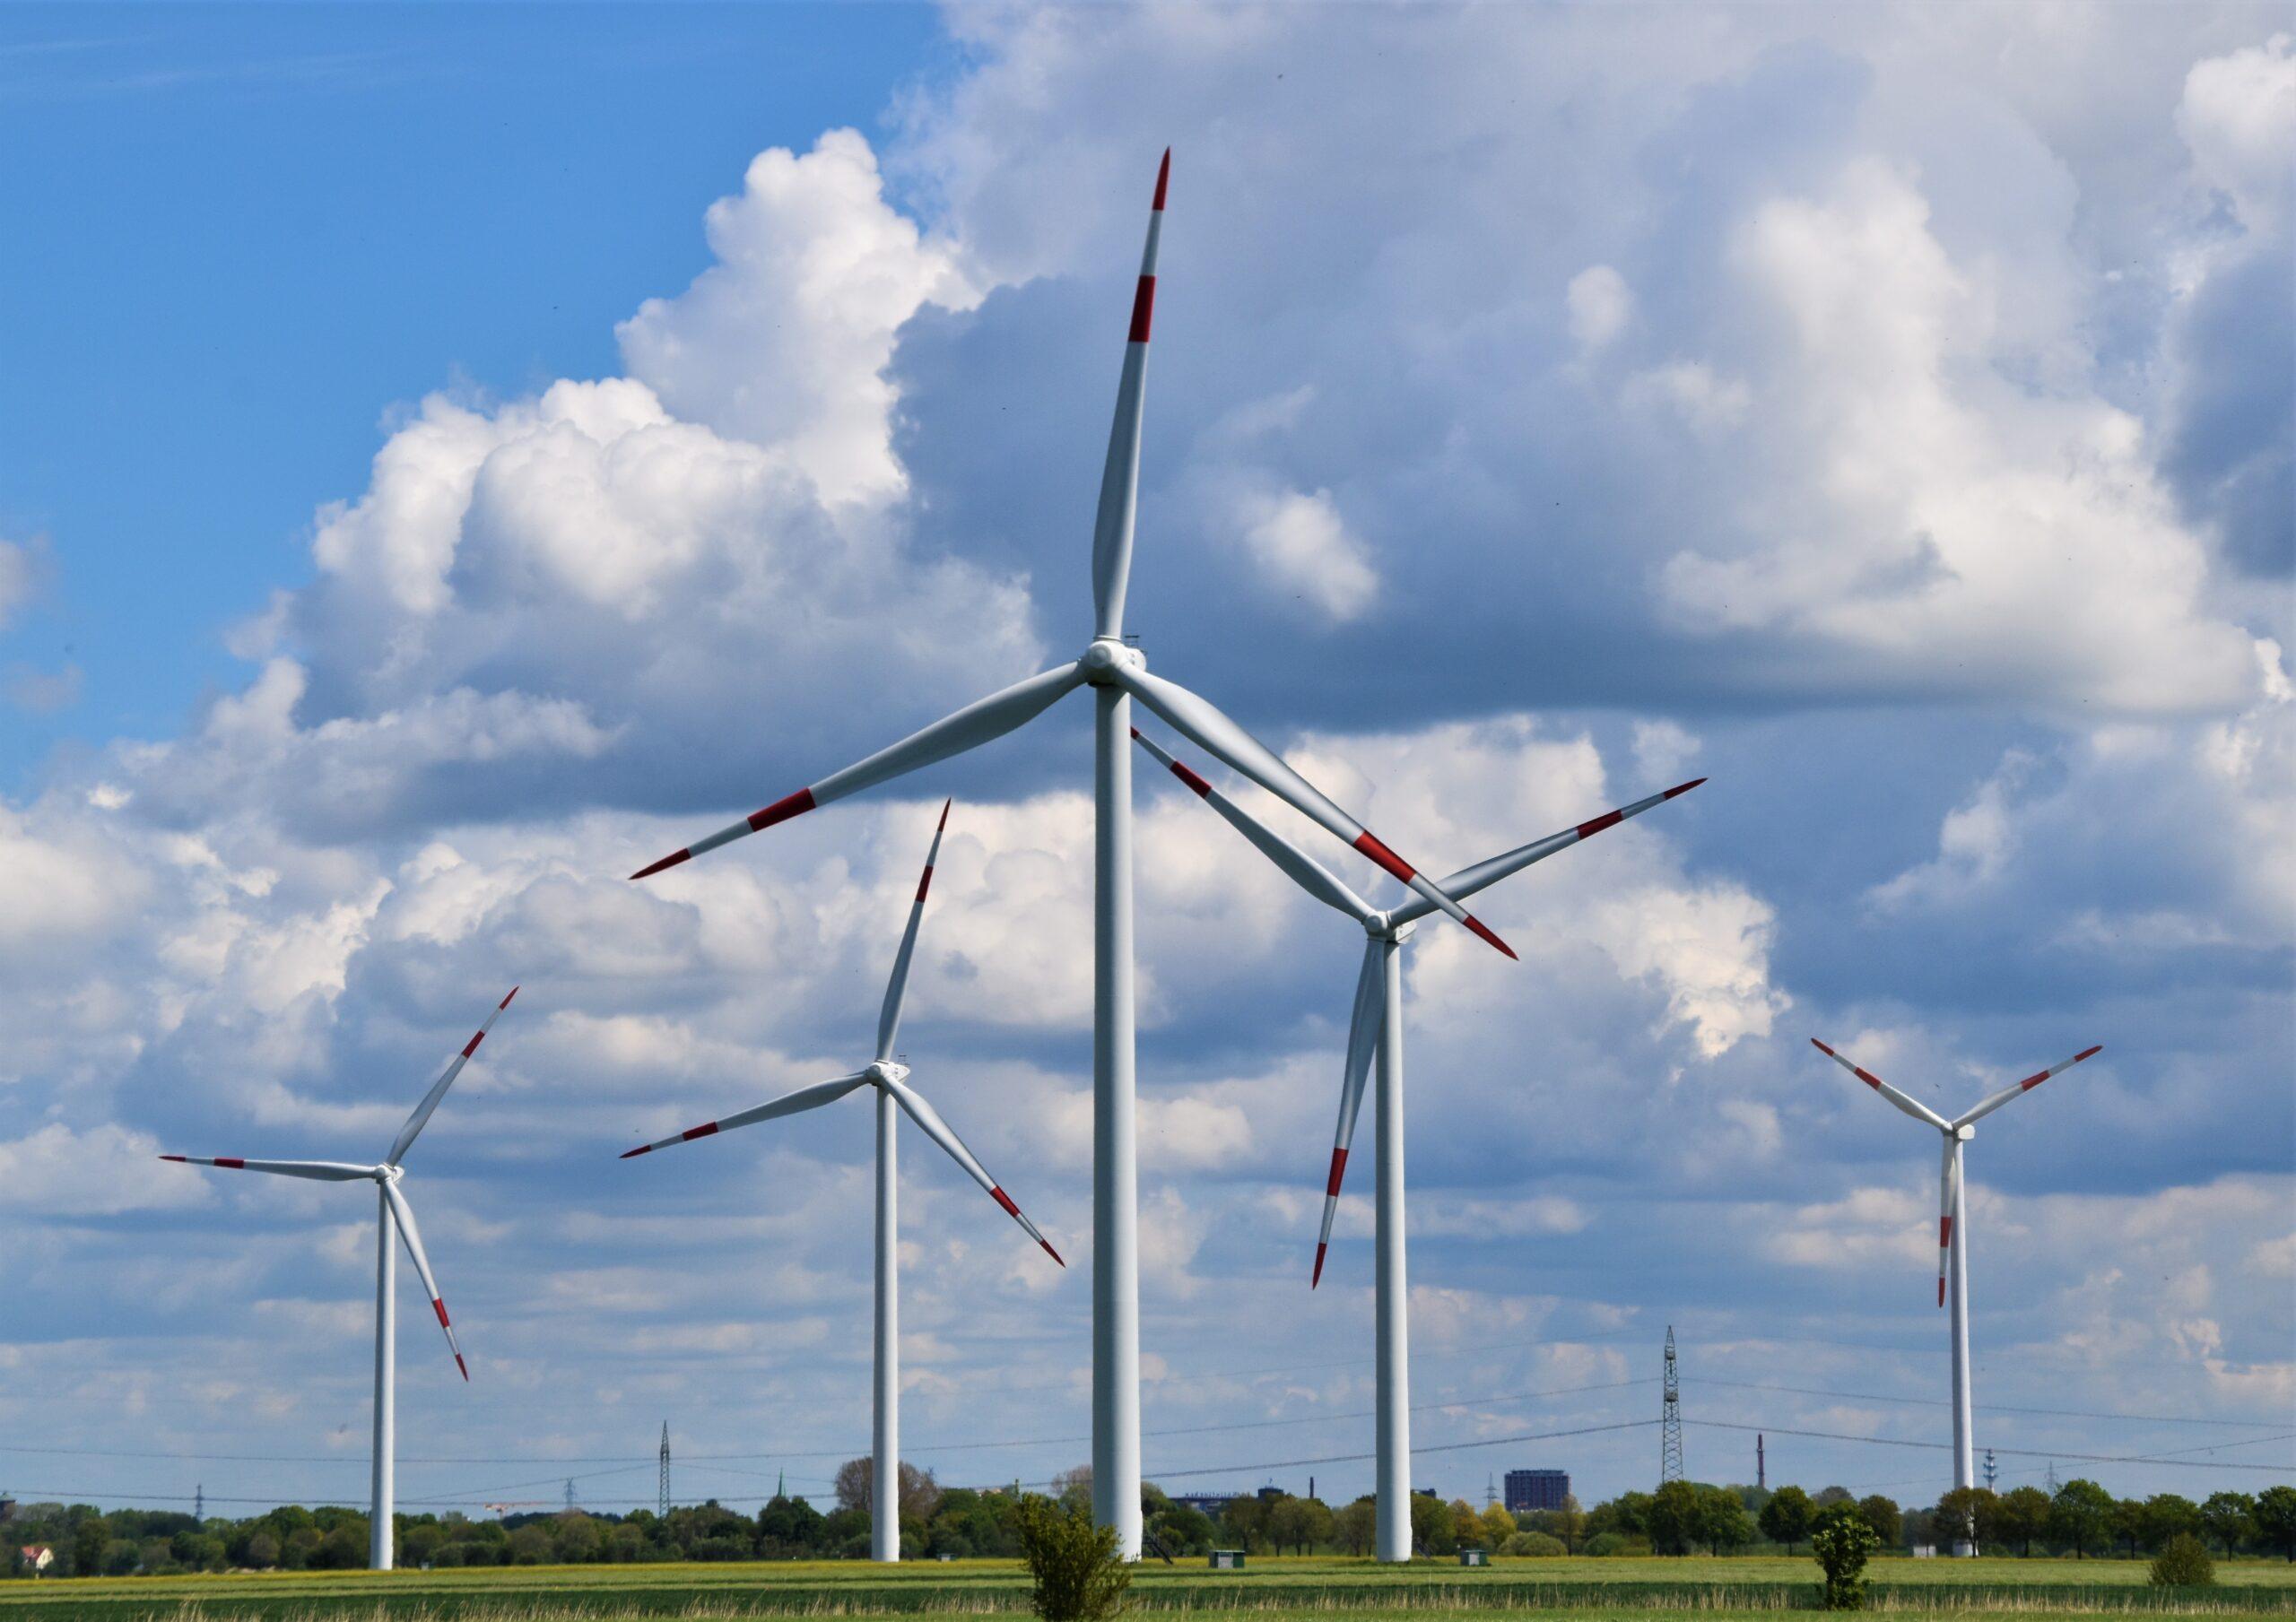 Tuulivoima. Tuulimyllypuisto kesällä, taustalla kumpupilviä